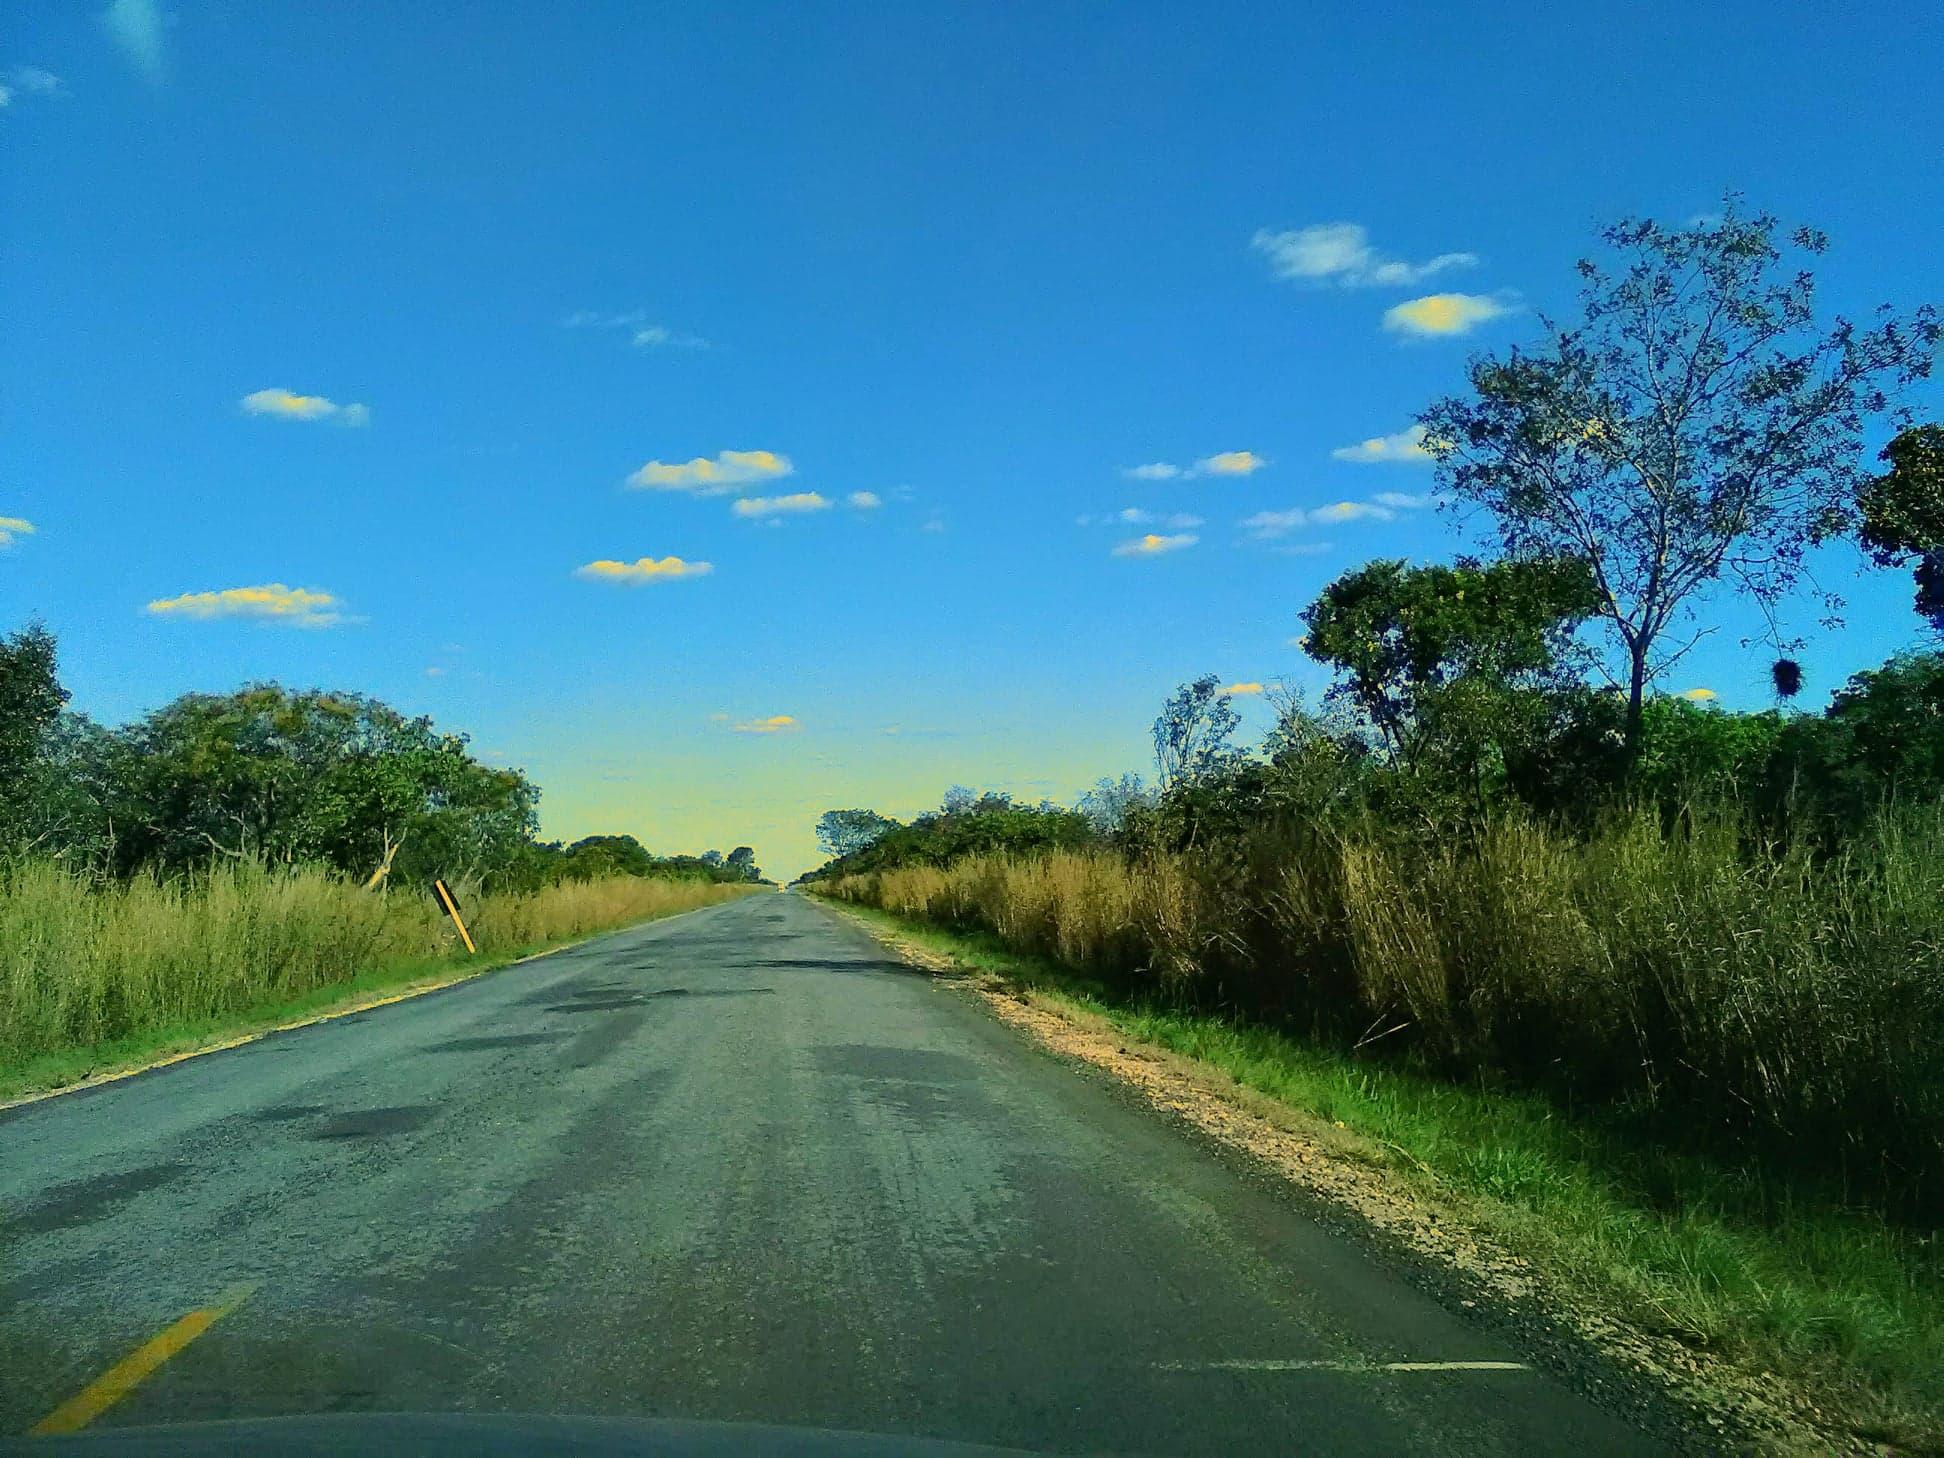 Y-de-weg-vanaf-het-park-naar-de-grote-weg-was-28-km-kaarst-rechtdoor.--1